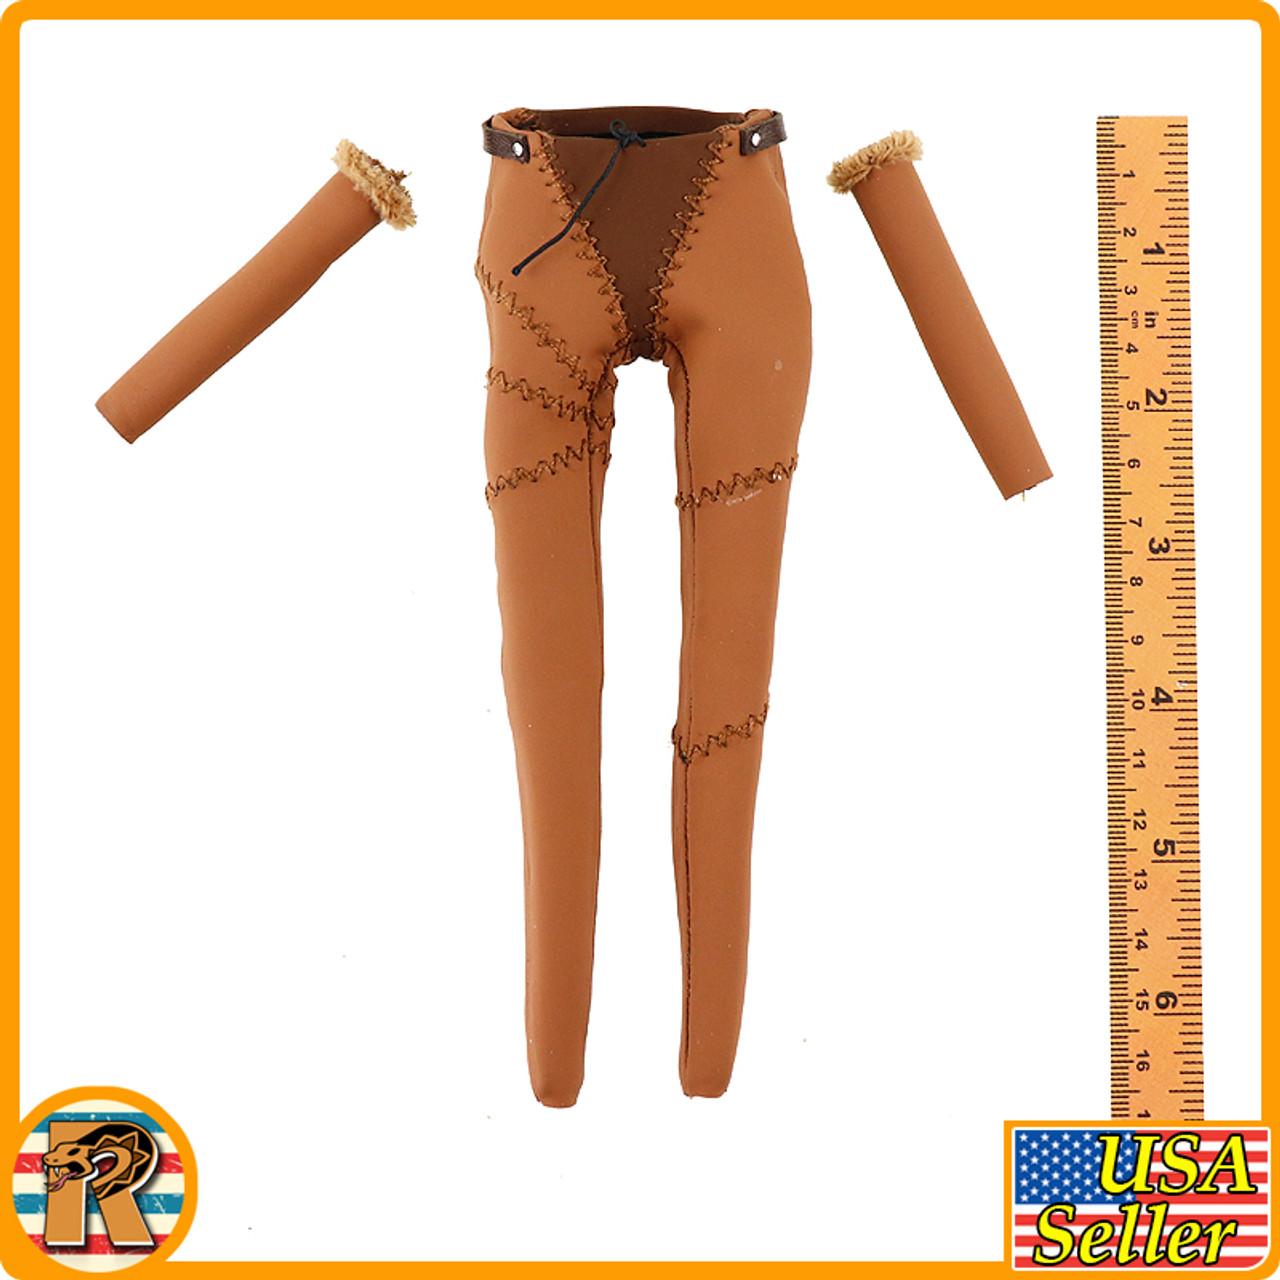 Garona Halforcen Female Orc - Pants & Arm Sleeves *READ* - 1/6 Scale -